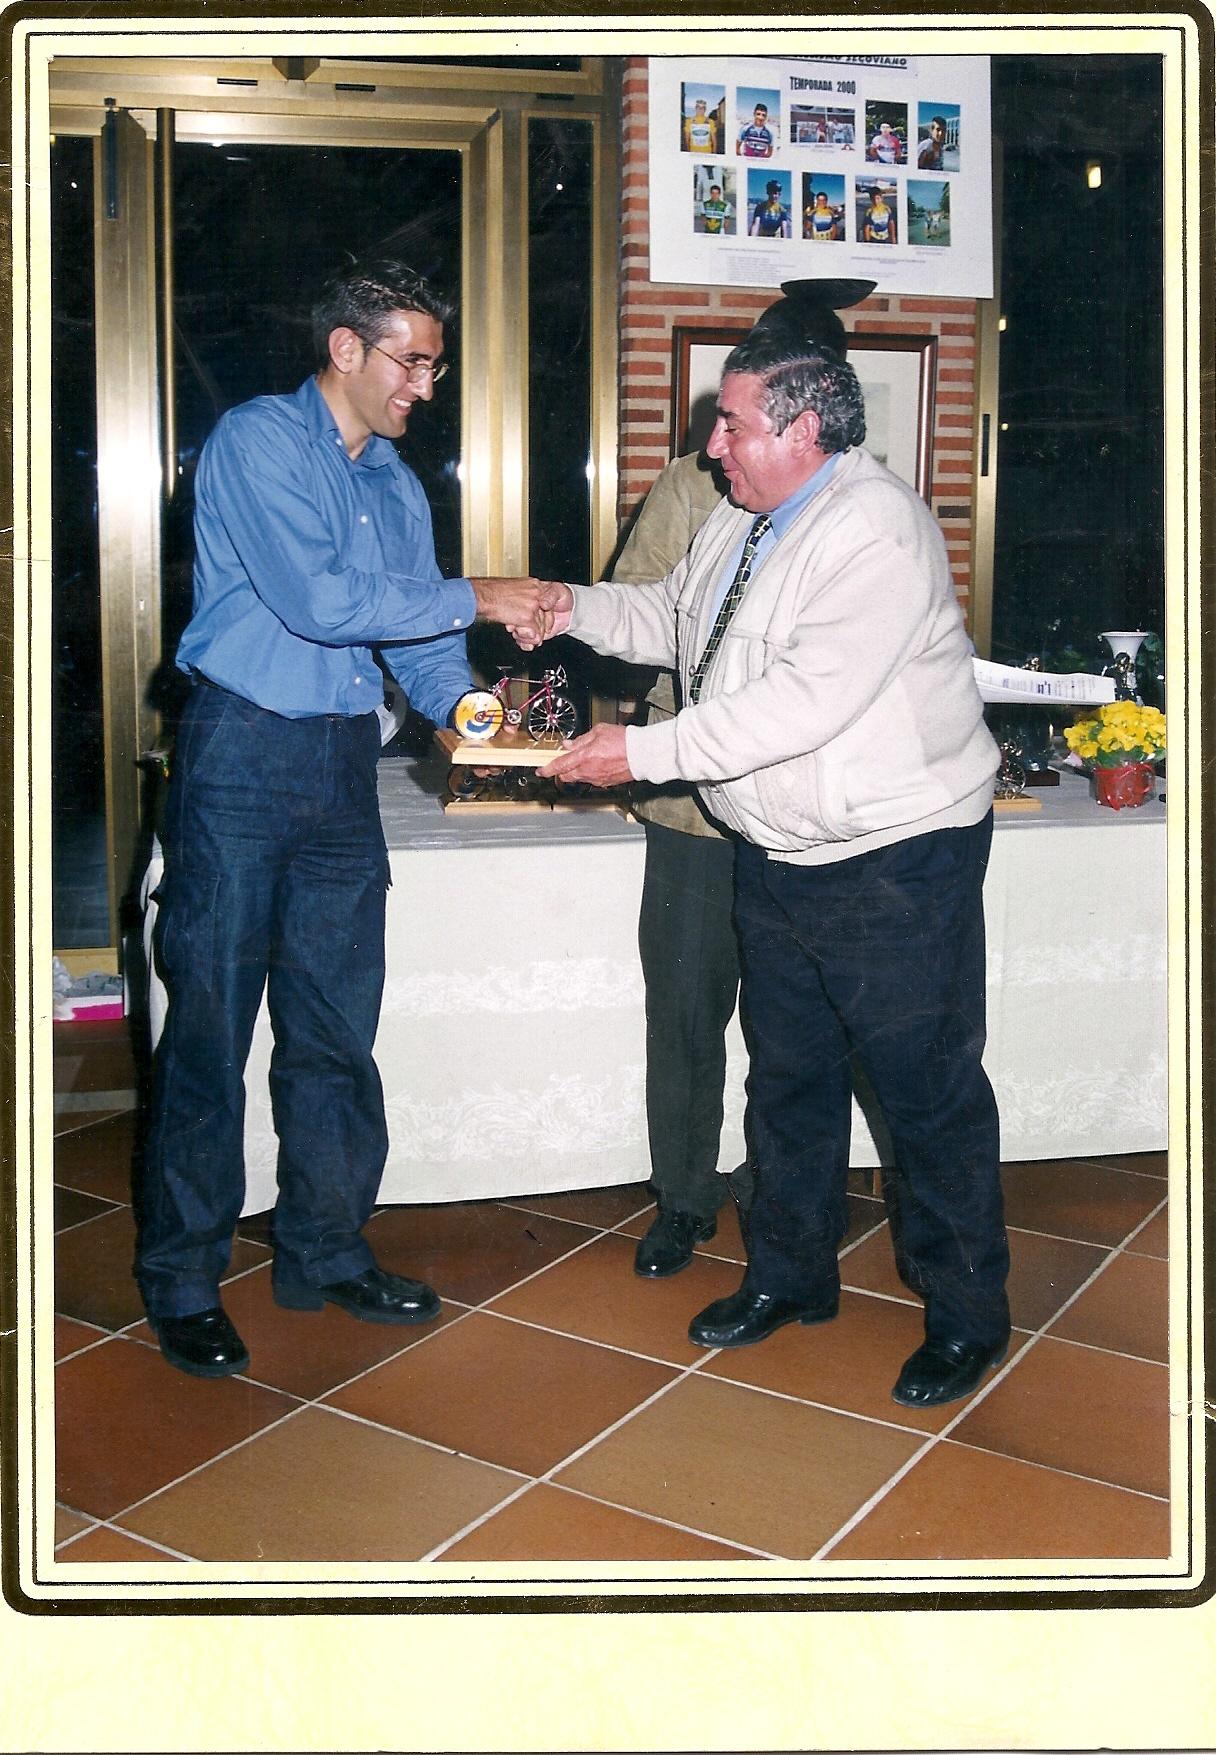 Reconomiciento de la participacion de Don Eugenio Cuerdo en la Vuelta de Segovia (2000)